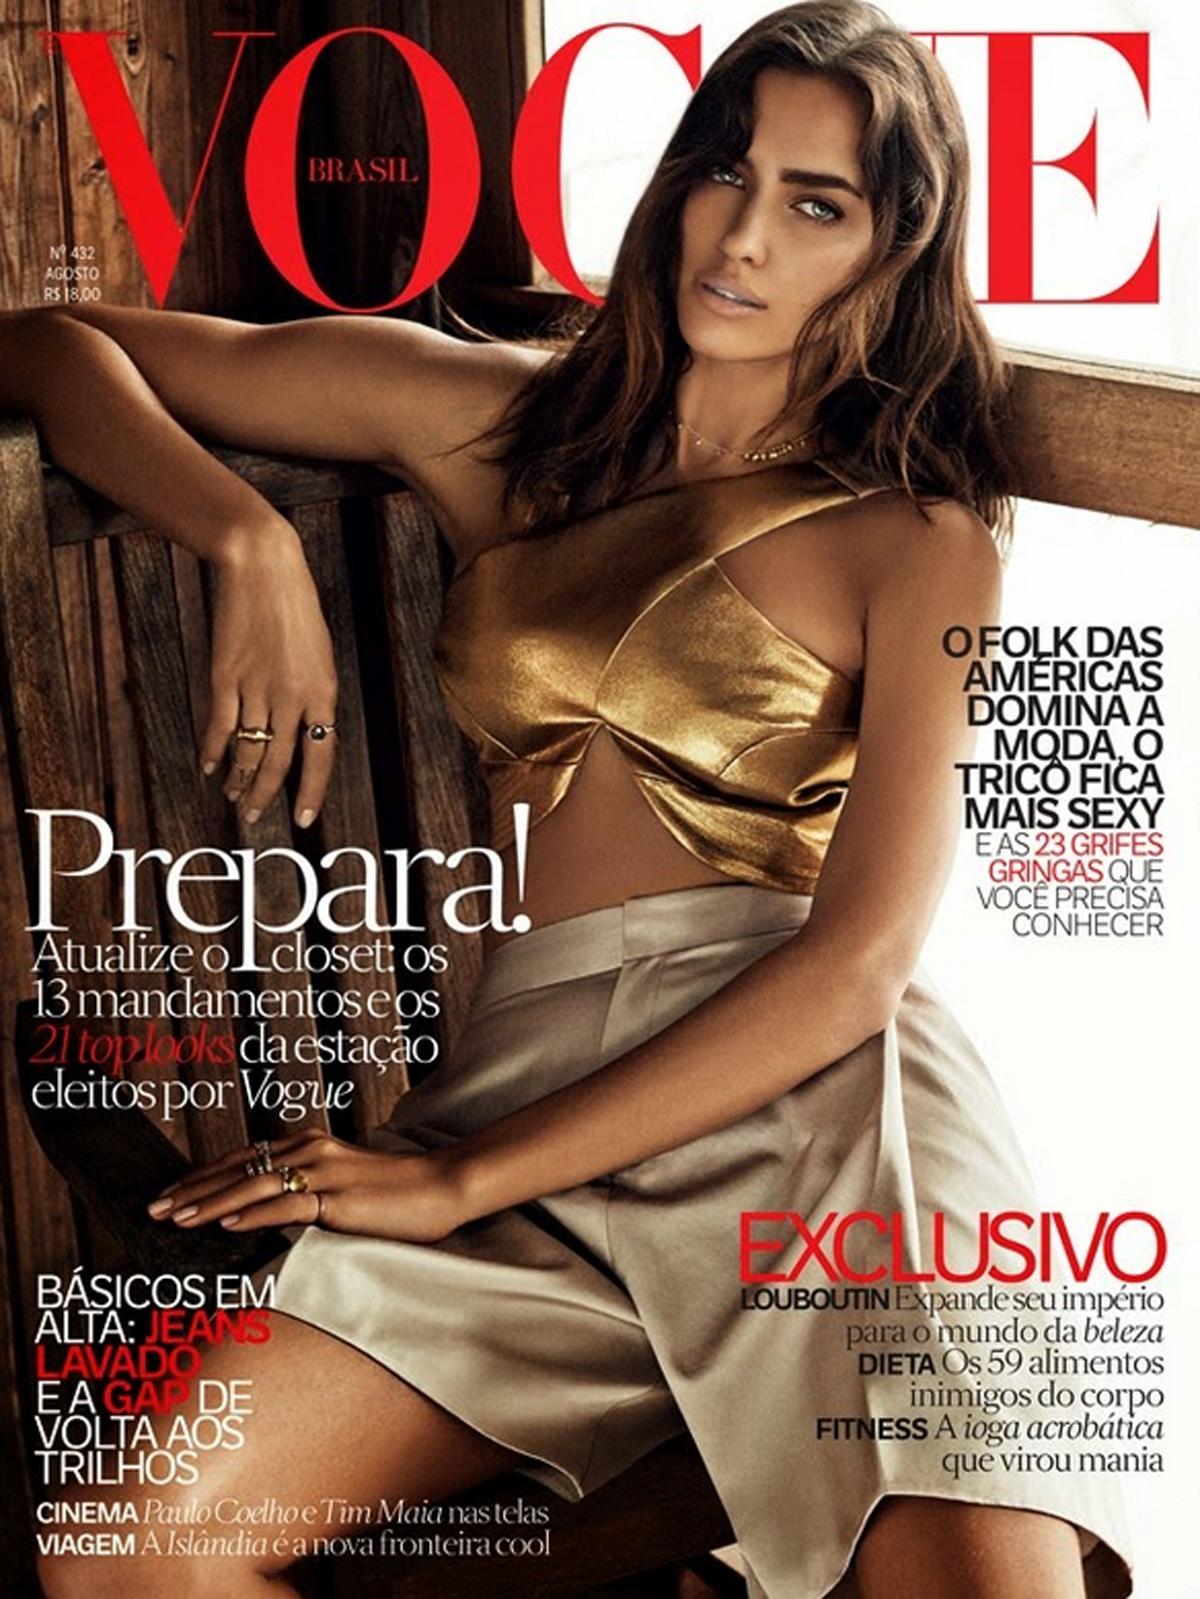 Vogue Brasil, August 2014